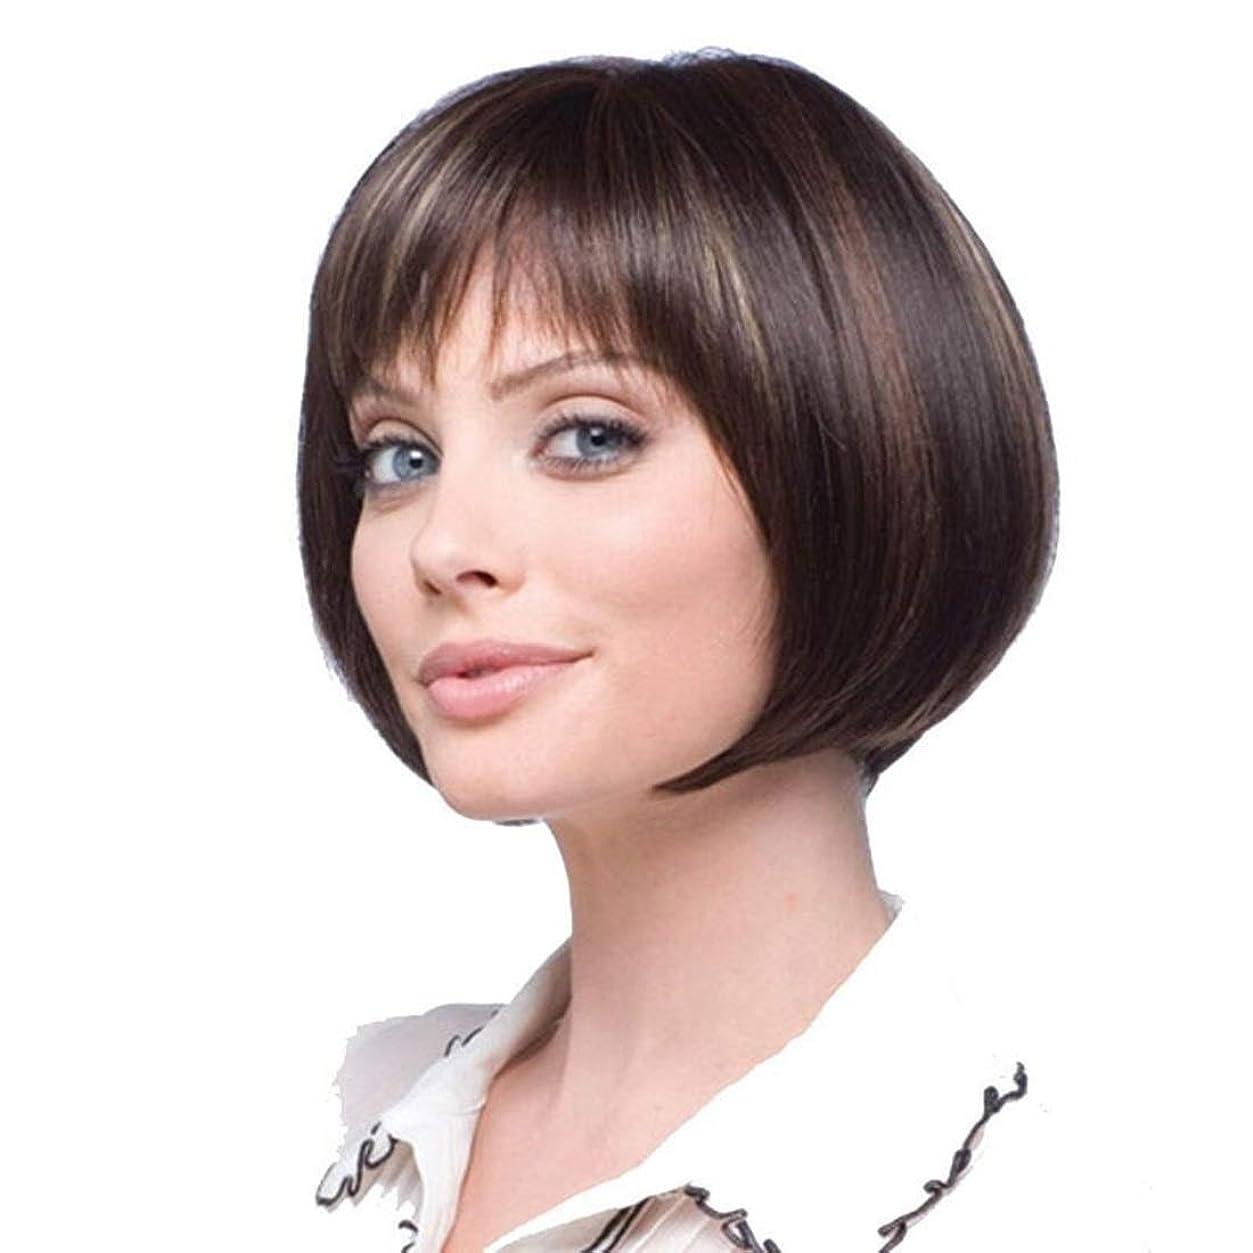 第五ライトニング提案Summerys ショートボブの髪ウィッグストレート前髪付き合成カラフルなコスプレデイリーパーティーウィッグ本物の髪として自然な女性のための